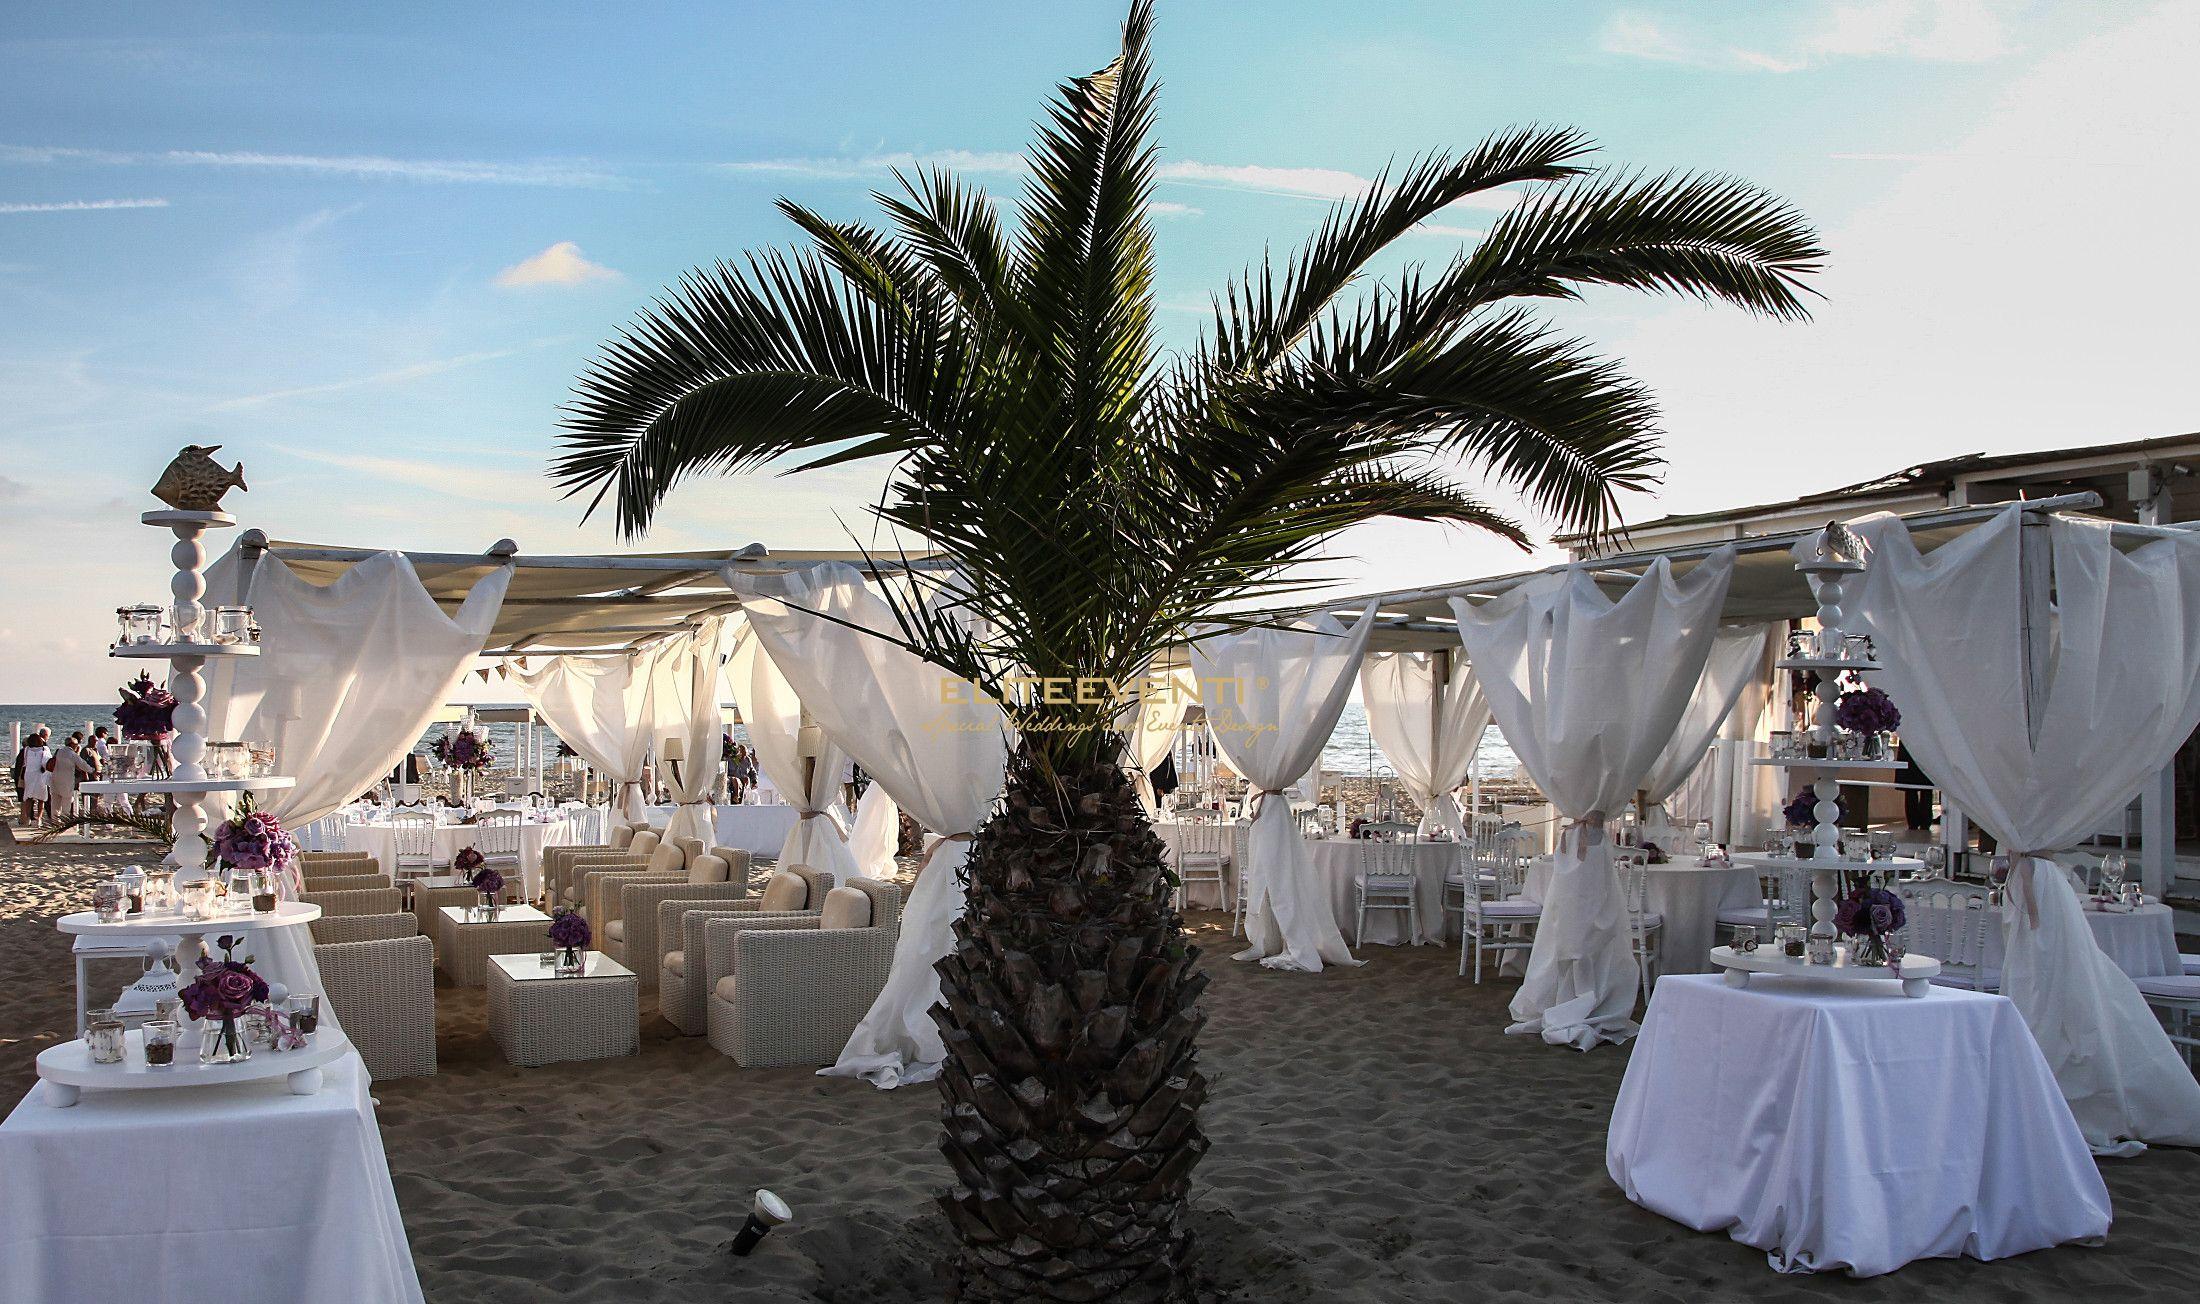 Beach_wedding_party_by_eliteeventi